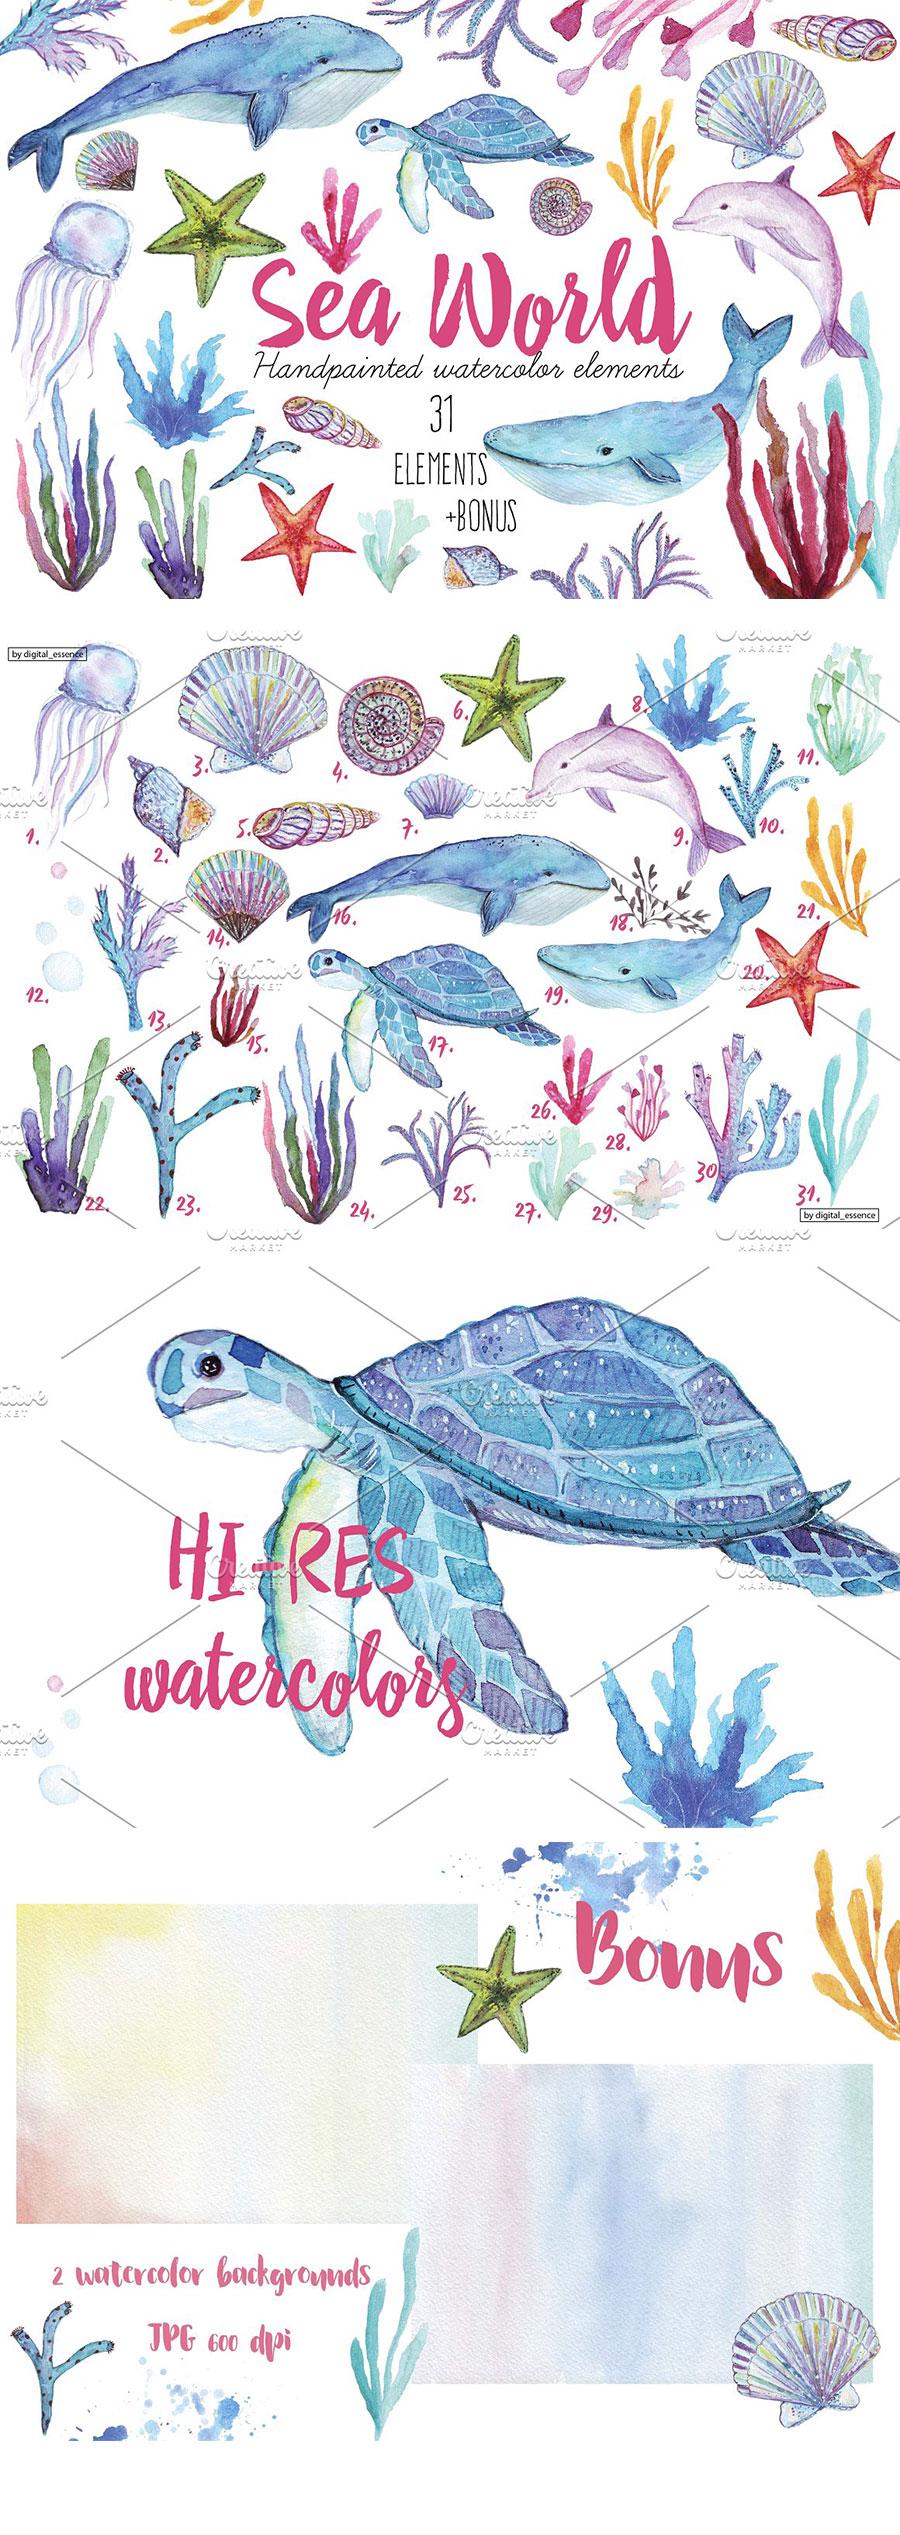 美丽的海洋生物水彩质感元素下载[高清图PNG]设计素材模板